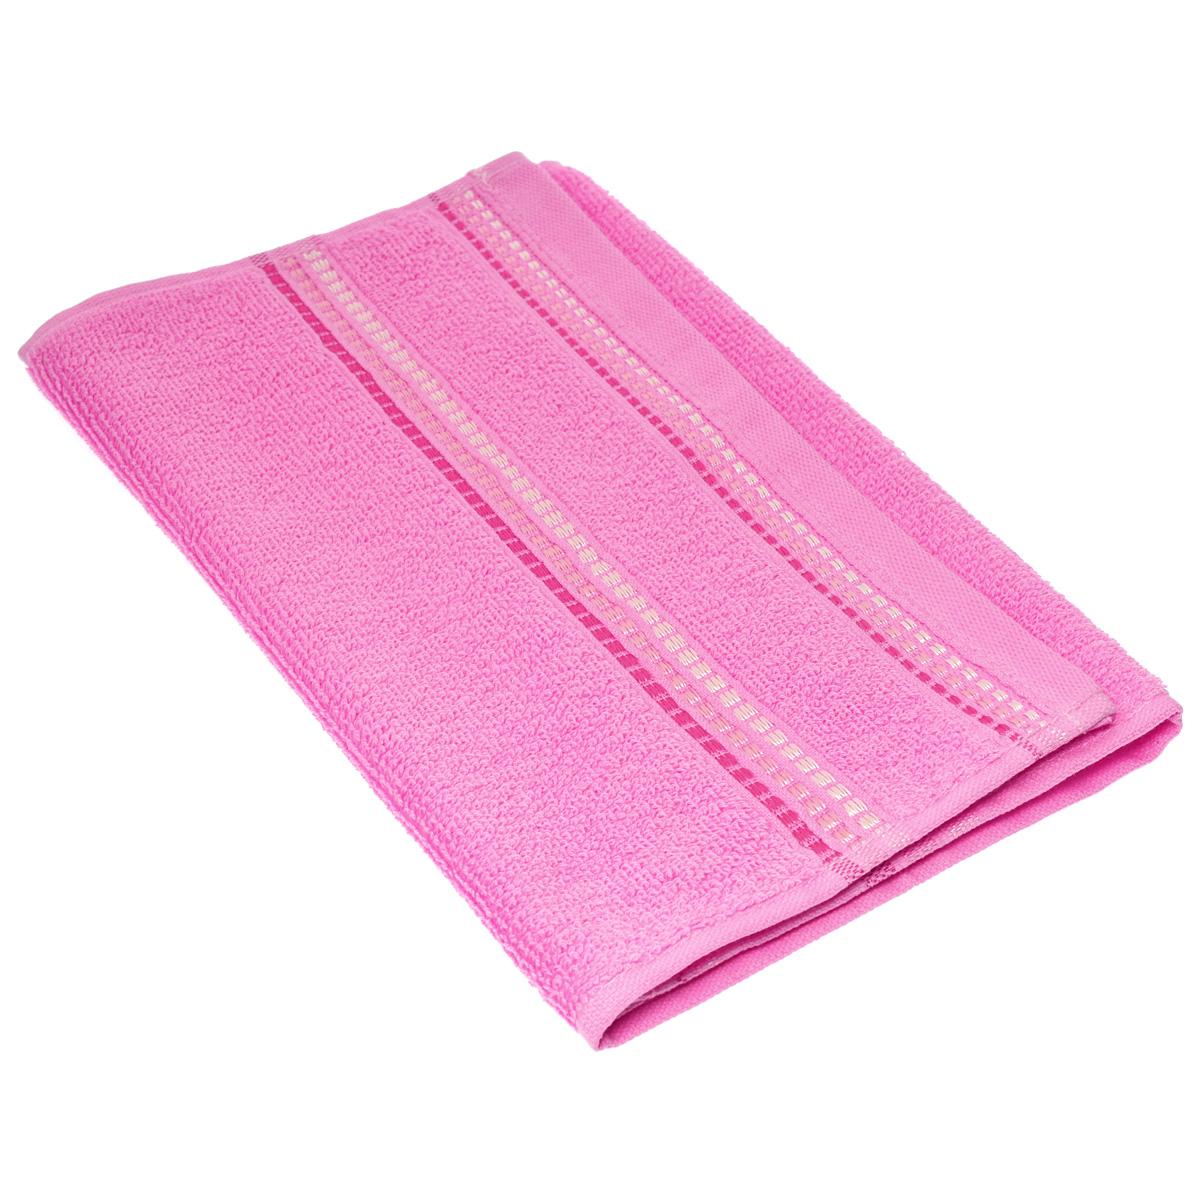 Полотенце махровое Coronet Пиано, цвет: розовый, 30 см х 50 см68/5/1Махровое полотенце Coronet Пиано, изготовленное из натурального хлопка, подарит массу положительных эмоций и приятных ощущений. Полотенце отличается нежностью и мягкостью материала, утонченным дизайном и превосходным качеством. Оно прекрасно впитывает влагу, быстро сохнет и не теряет своих свойств после многократных стирок. Махровое полотенце Coronet Пиано станет достойным выбором для вас и приятным подарком для ваших близких. Мягкость и высокое качество материала, из которого изготовлены полотенца не оставит вас равнодушными.